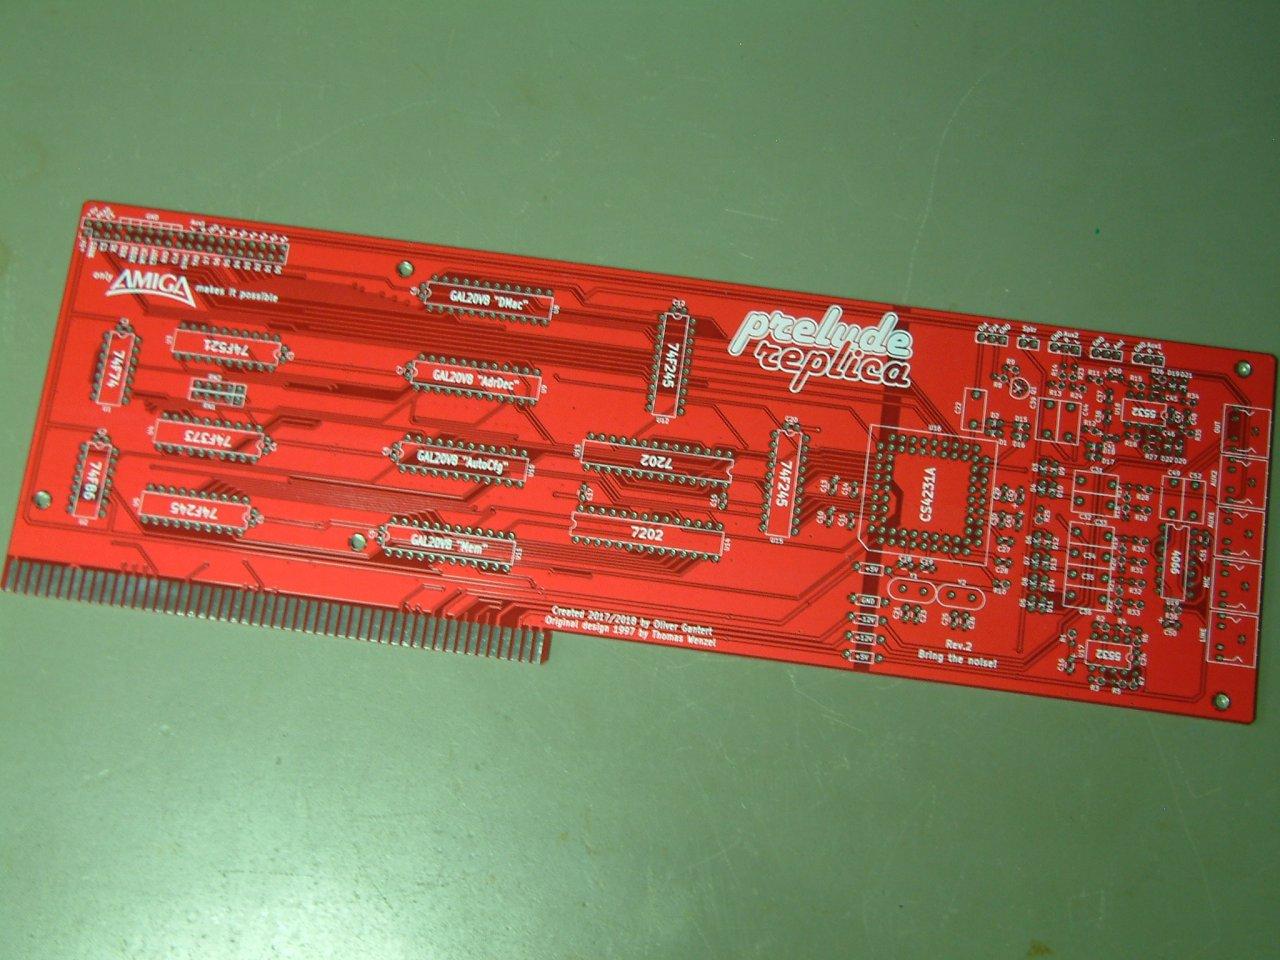 Klikněte na obrázek pro zobrazení větší verze  Název: DSCF0006.JPG Zobrazeno: 33 Velikost: 194,9 KB ID: 9885